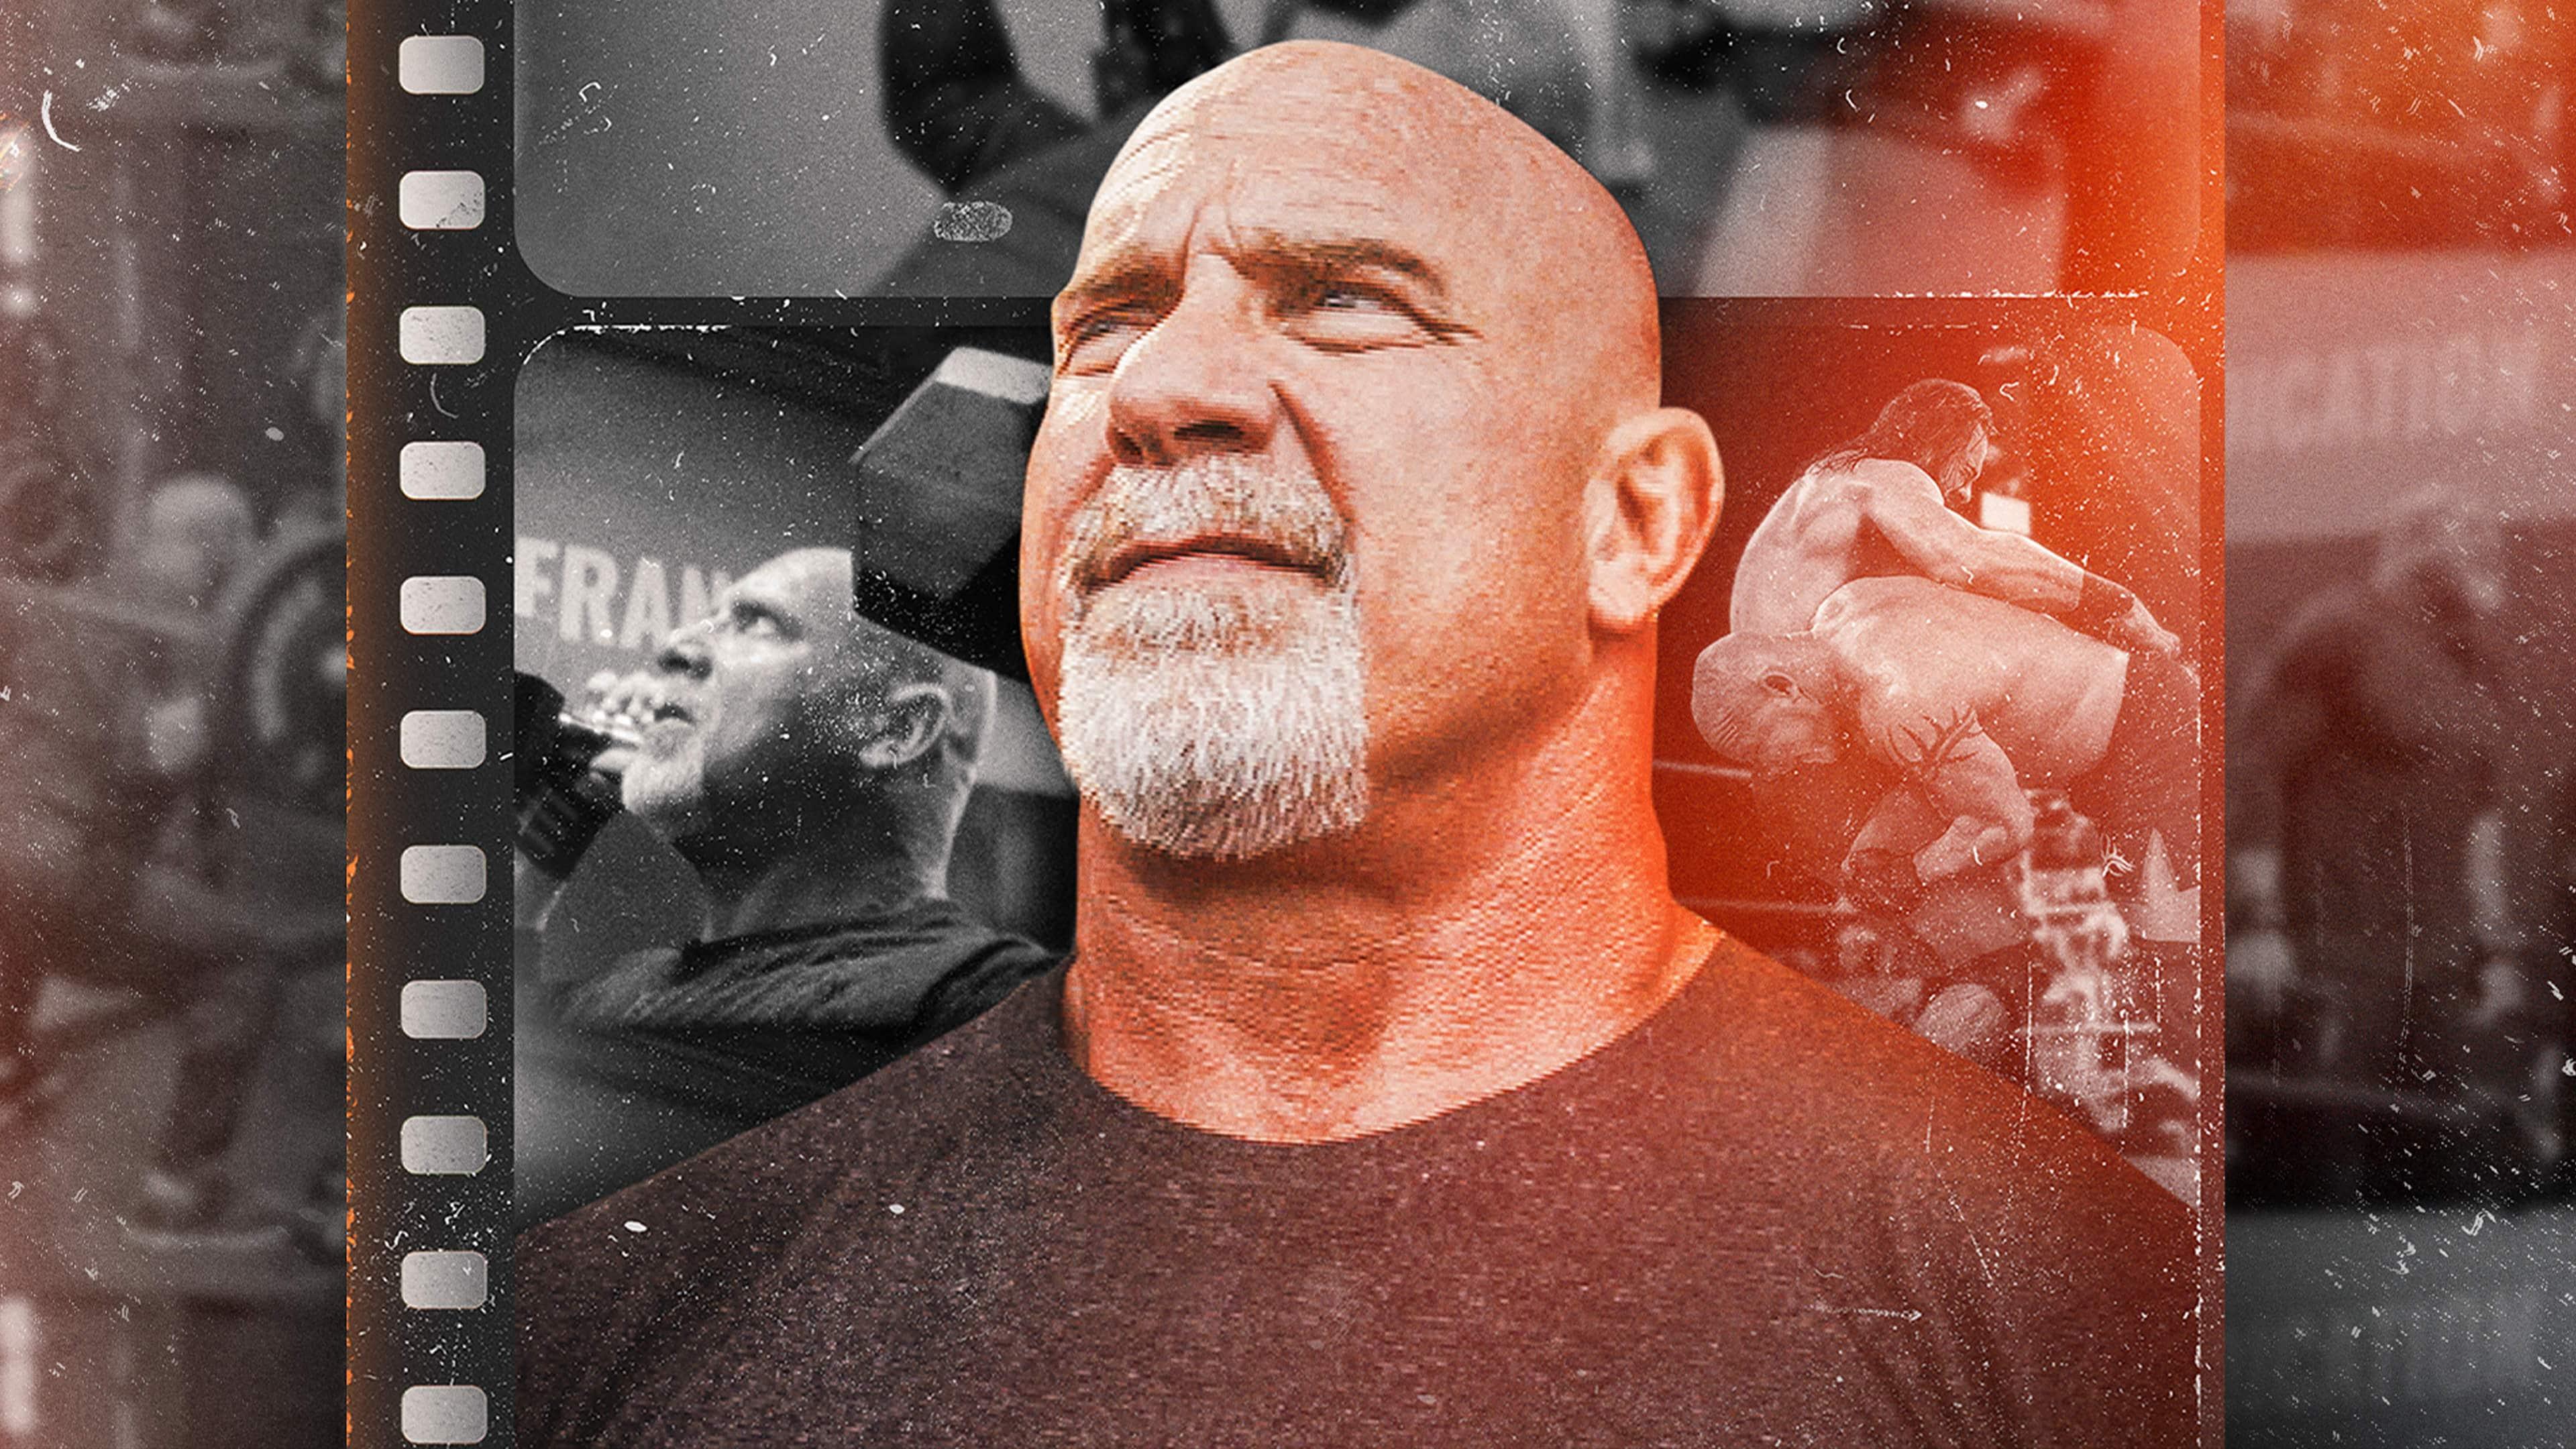 Goldberg at 54